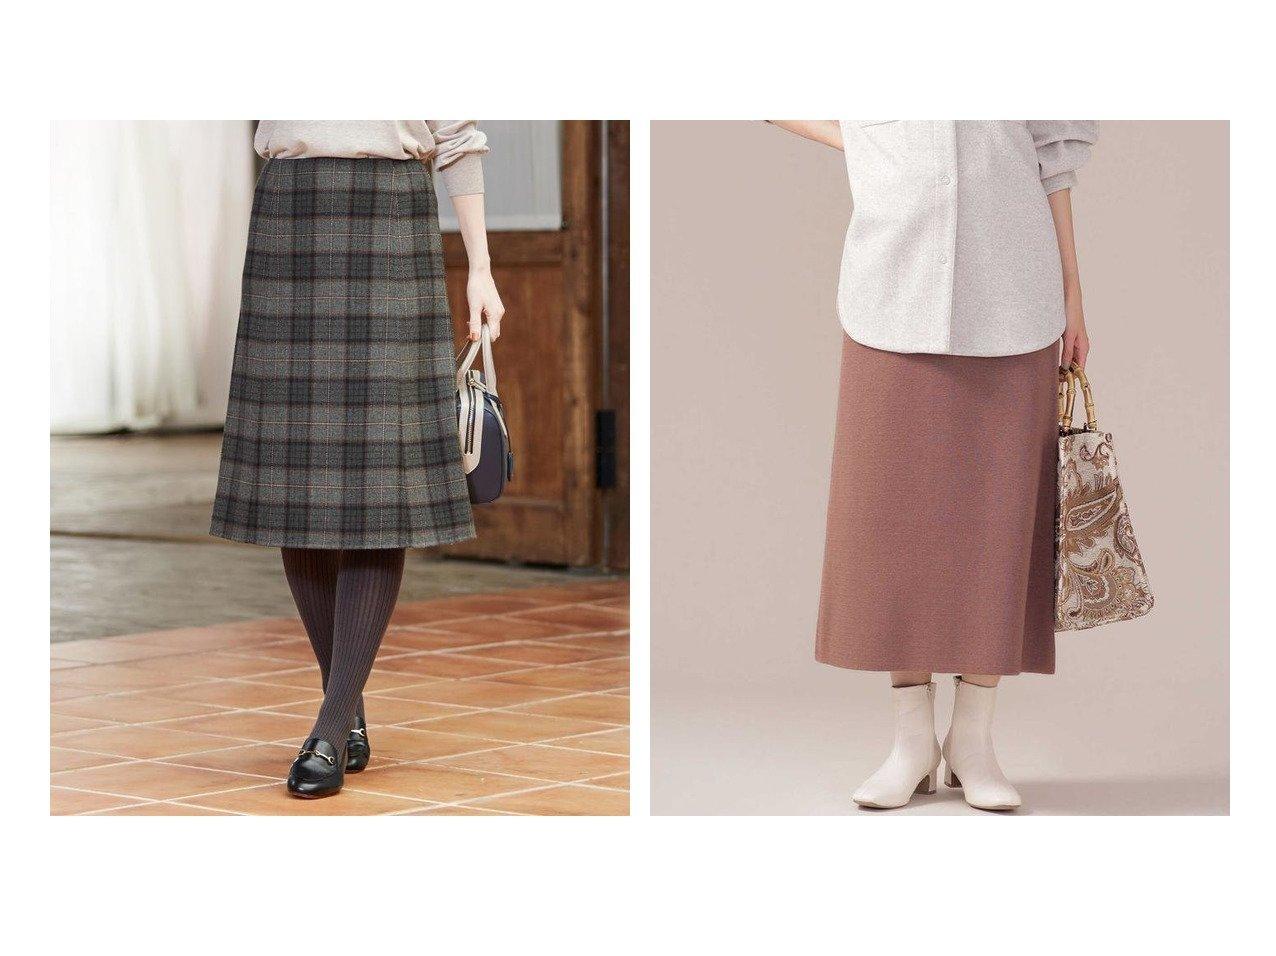 【nano universe/ナノ ユニバース】のミラノリブAラインニットスカート&【J.PRESS/ジェイ プレス】の【リバーシブル】エアーファインウールリバーチェック スカート スカートのおすすめ!人気、レディースファッションの通販 おすすめで人気のファッション通販商品 インテリア・家具・キッズファッション・メンズファッション・レディースファッション・服の通販 founy(ファニー) https://founy.com/ ファッション Fashion レディース WOMEN スカート Skirt Aライン/フレアスカート Flared A-Line Skirts チェック トレンド ドレープ フレア ミックス リバーシブル ロング 無地 軽量 ミラノリブ |ID:crp329100000002187